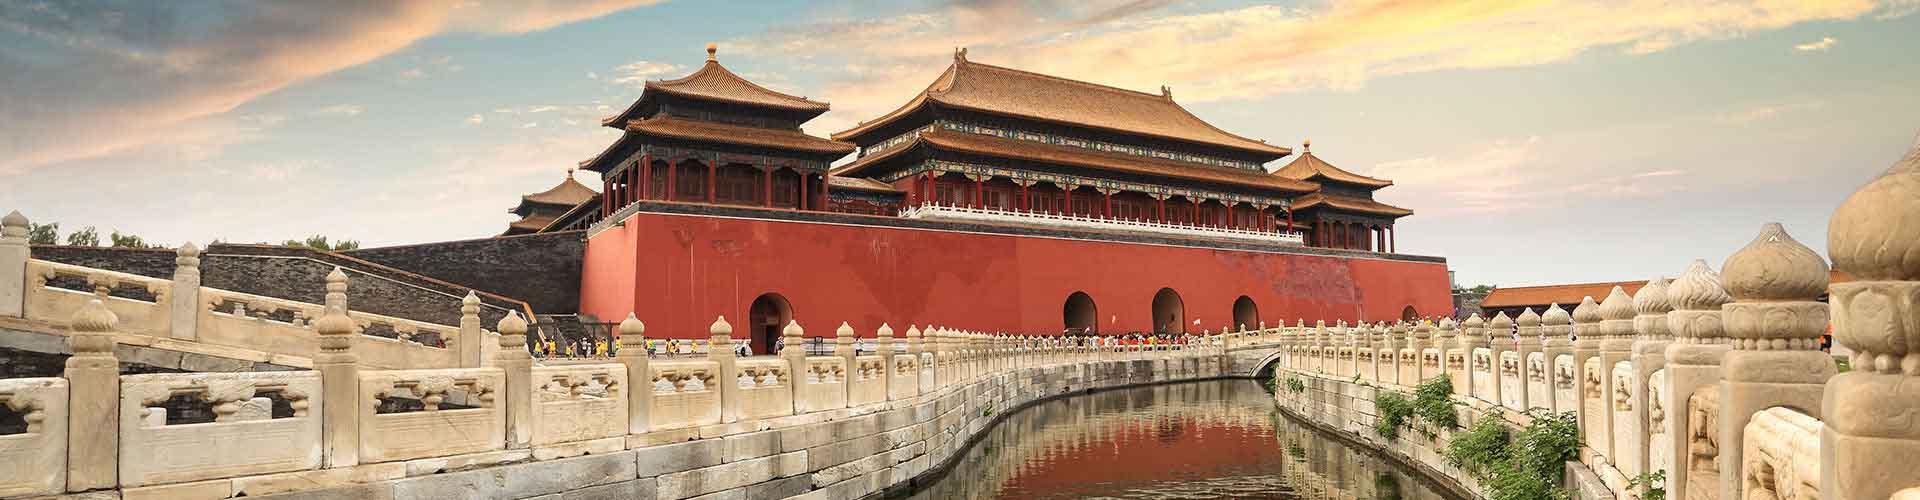 Peking - Hostelů v Peking. Mapy pro Peking, fotky a recenze pro každý hostel v Peking.